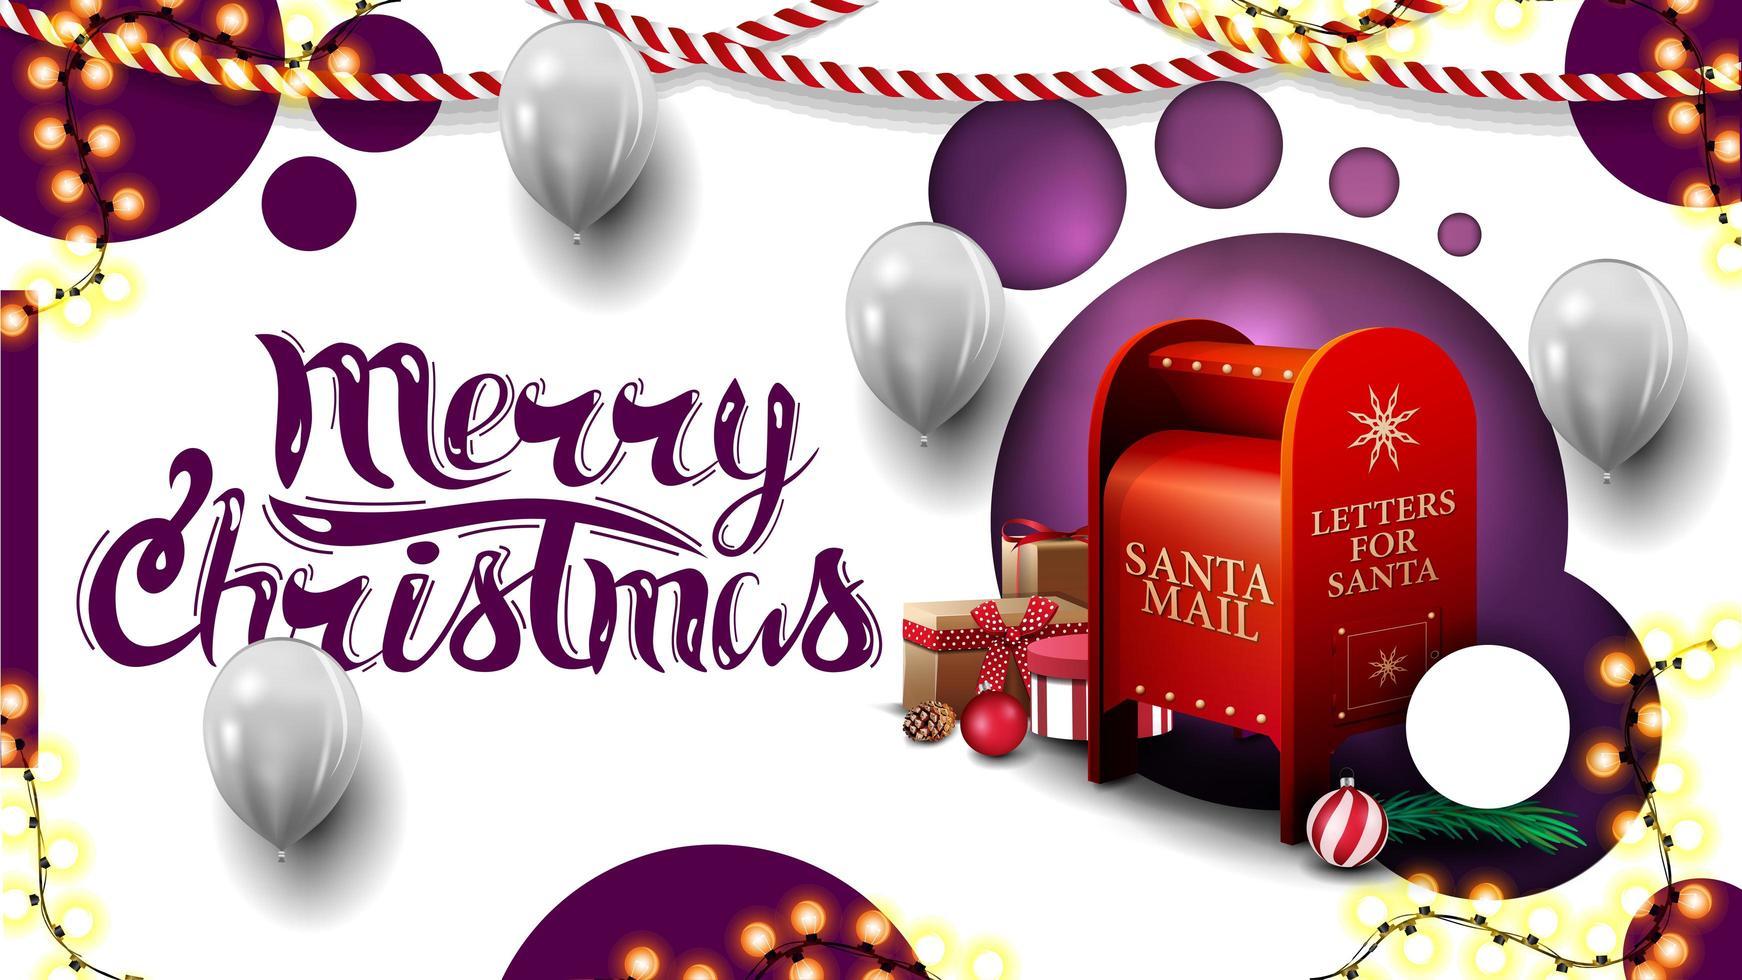 vrolijk kerstfeest, witte ansichtkaart met modern design met paarse cirkels en santa brievenbus met cadeautjes vector